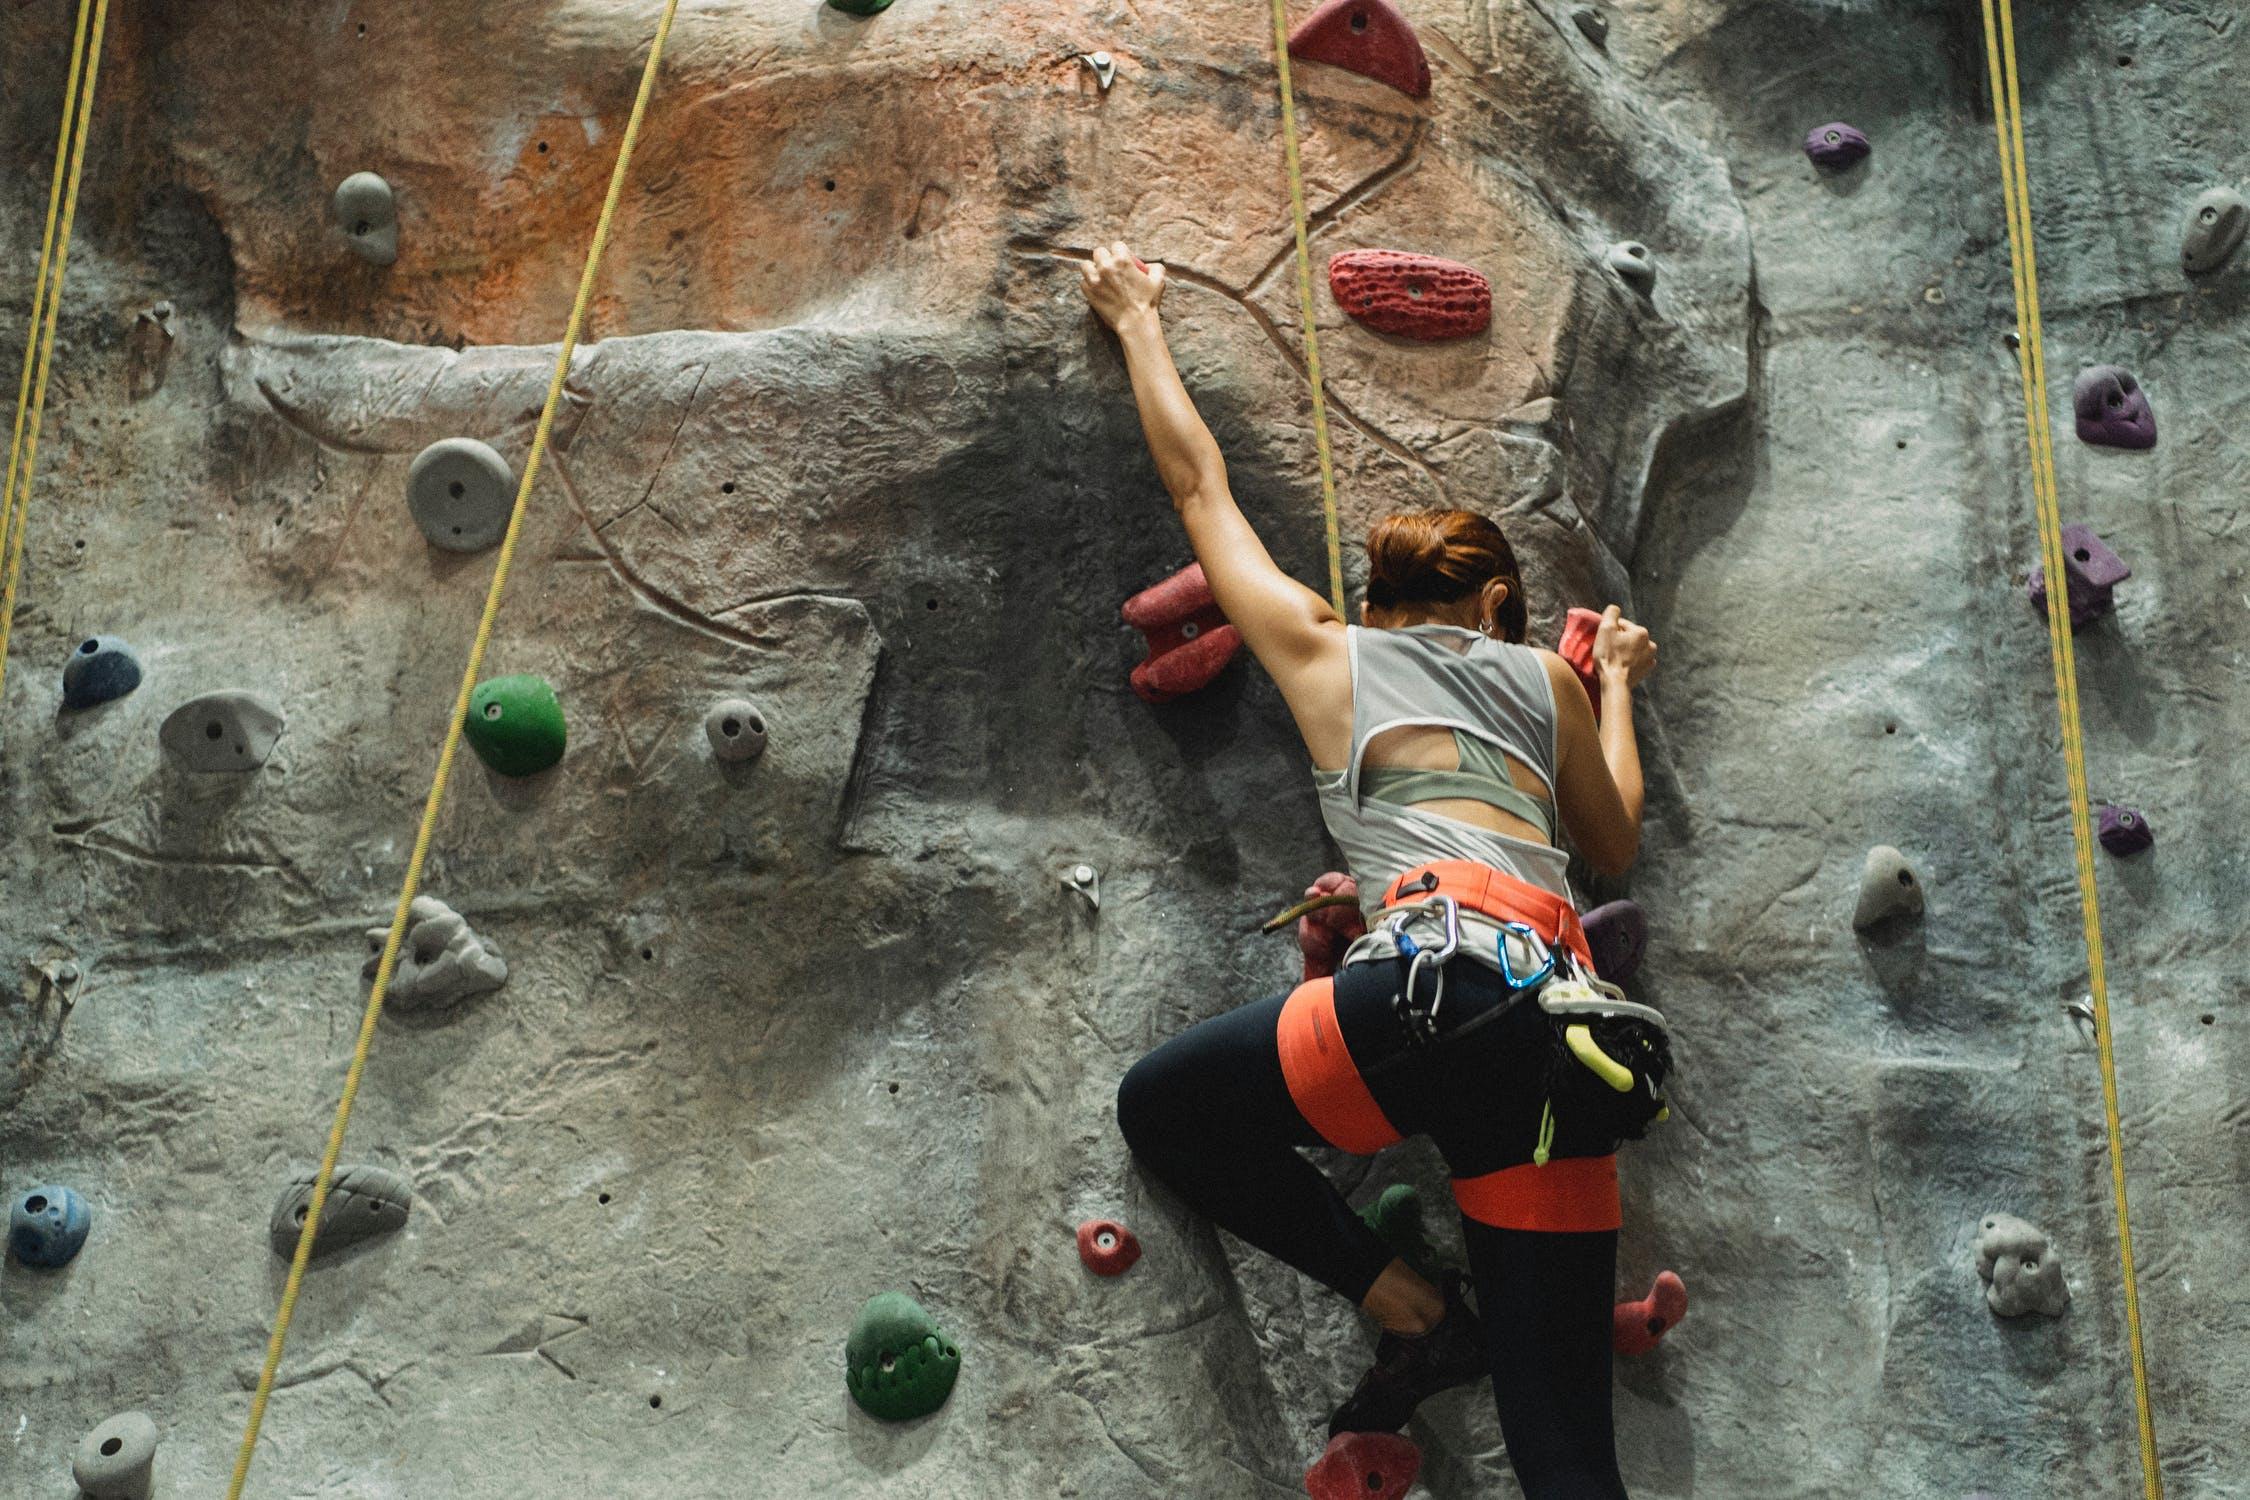 partaking in rock climbing activities hobby